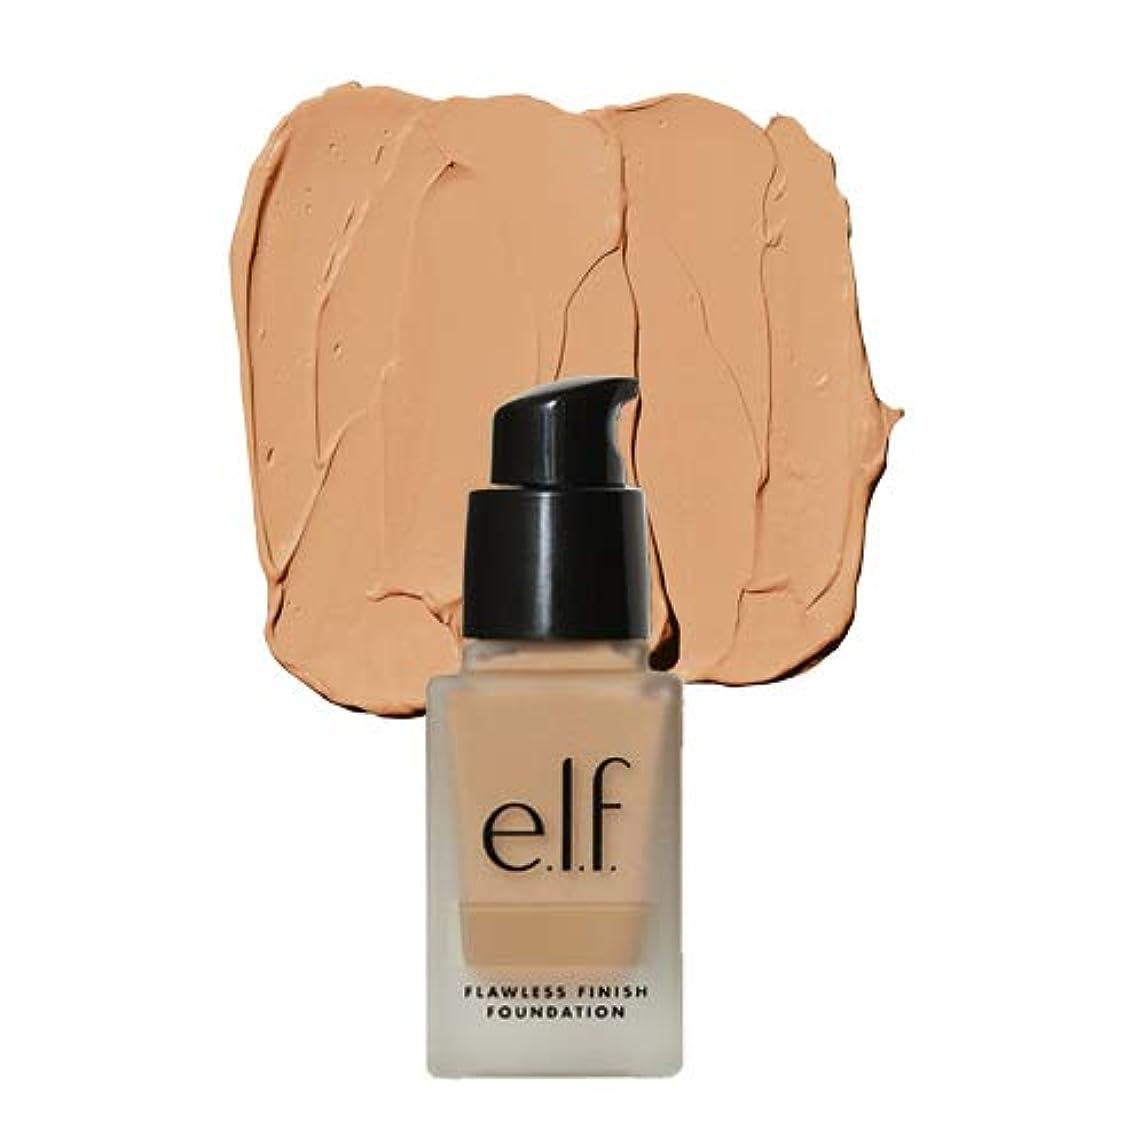 超越する容疑者用心深い(3 Pack) e.l.f. Oil Free Flawless Finish Foundation - Toffee (並行輸入品)